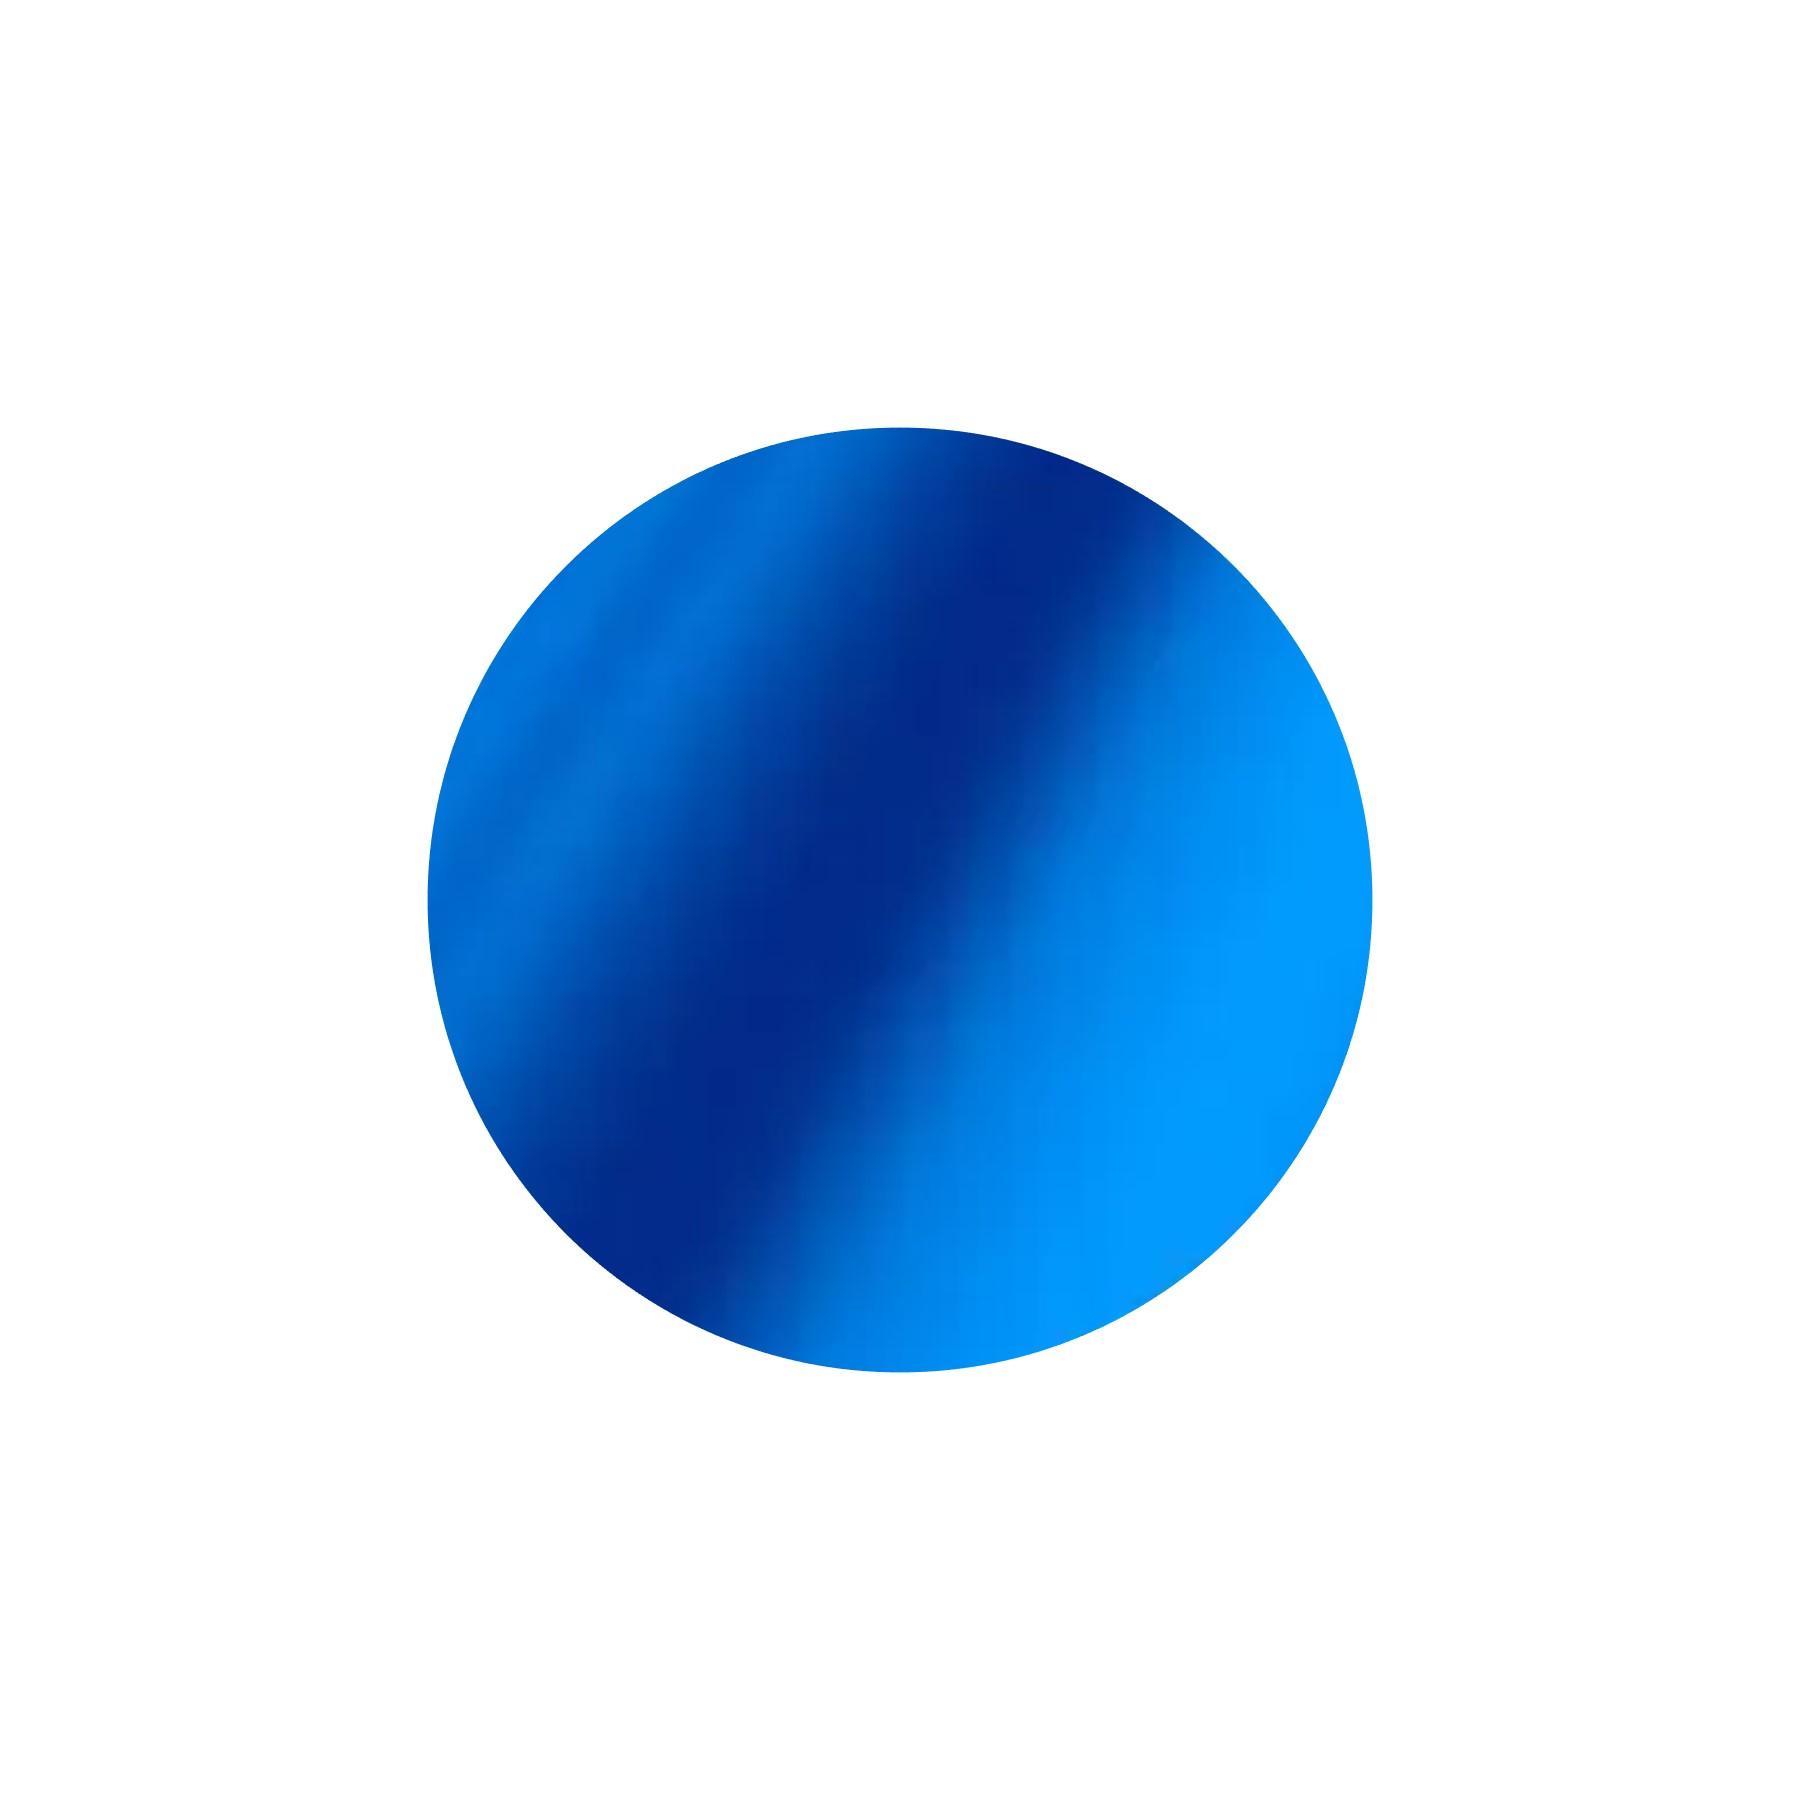 Vinilo termotransferible metalizado 30 x 50 cm  Azul